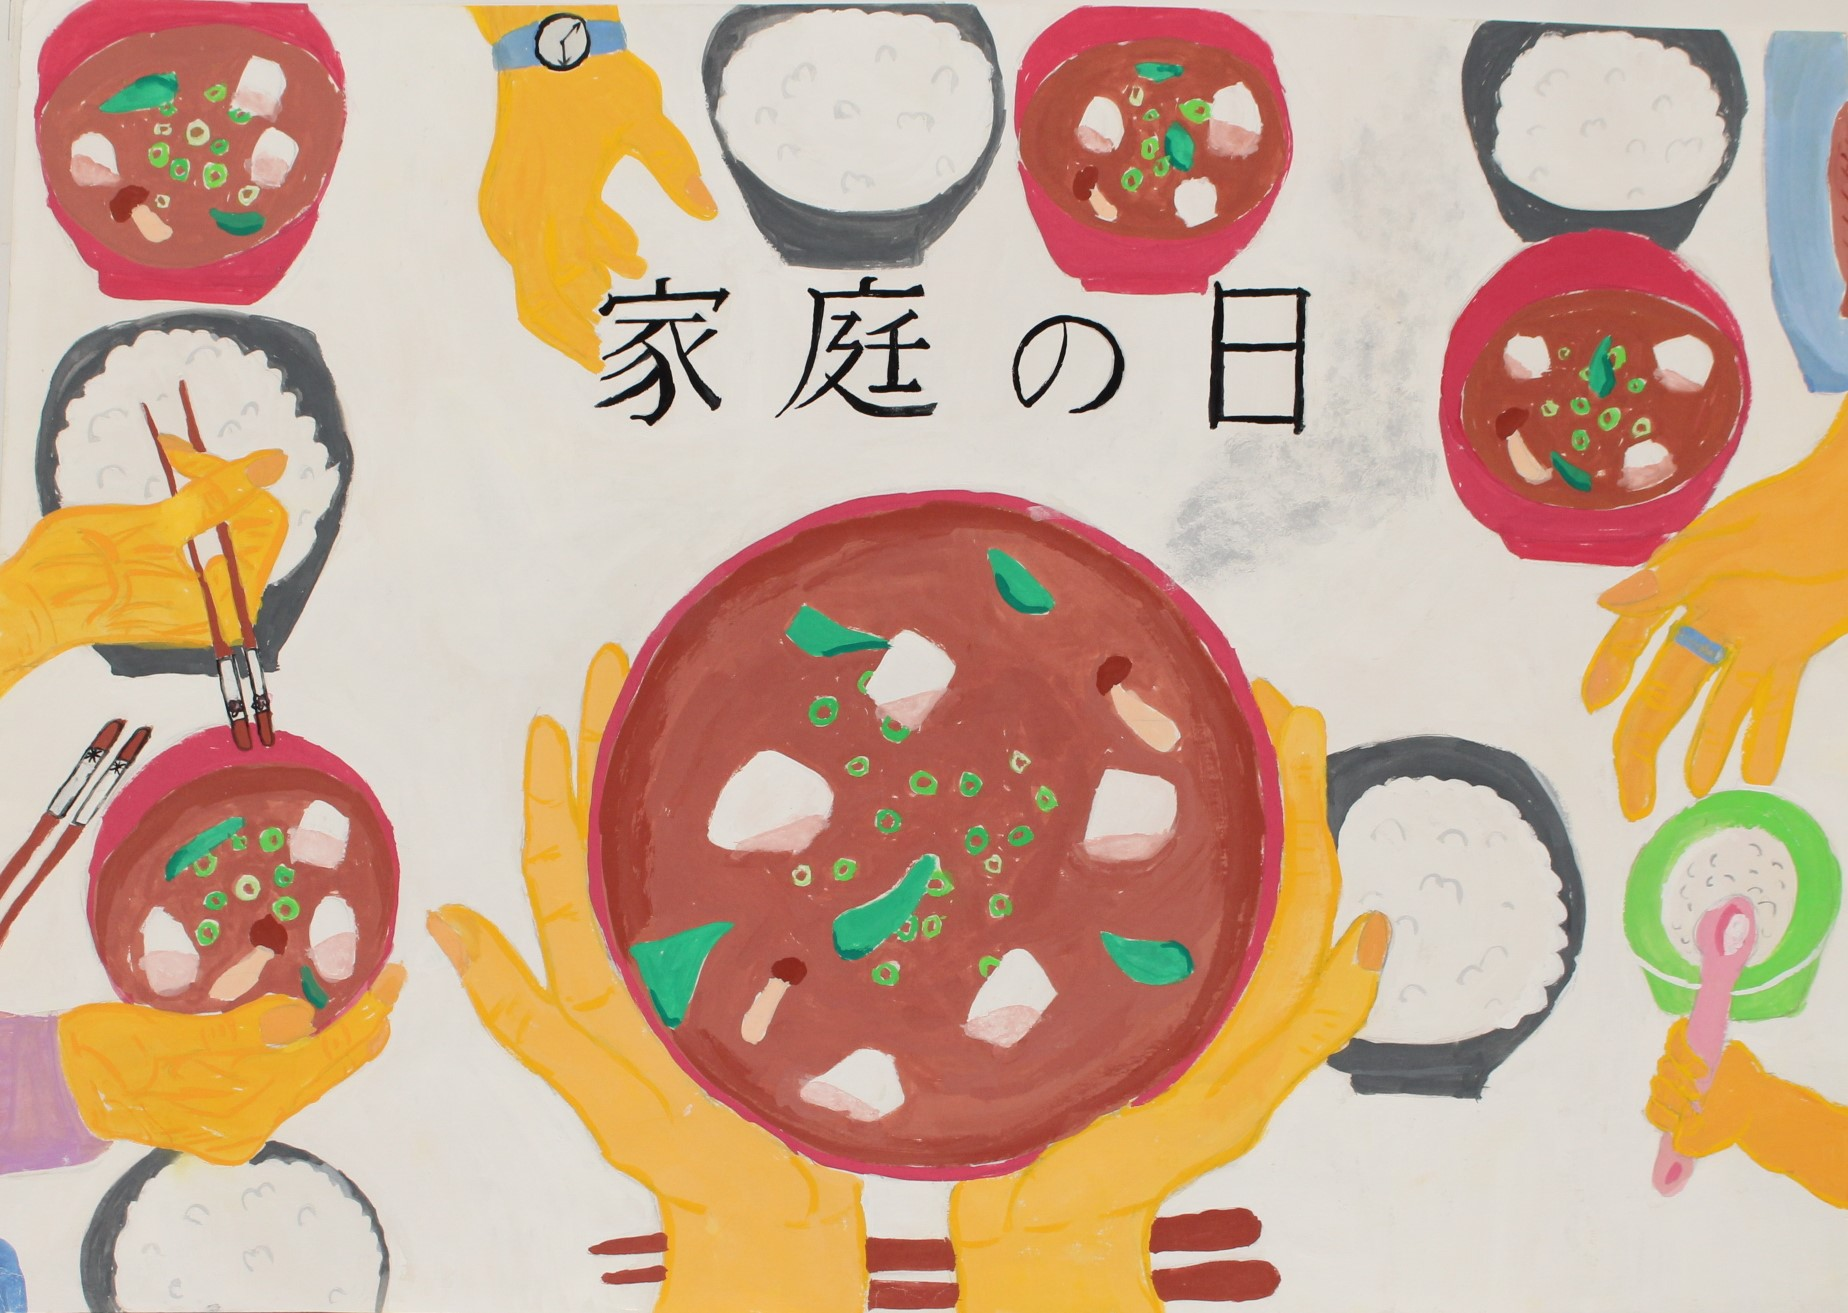 優良賞 日向市立大王谷中学校 3年 押川 愛茉(おしかわ えま)さん